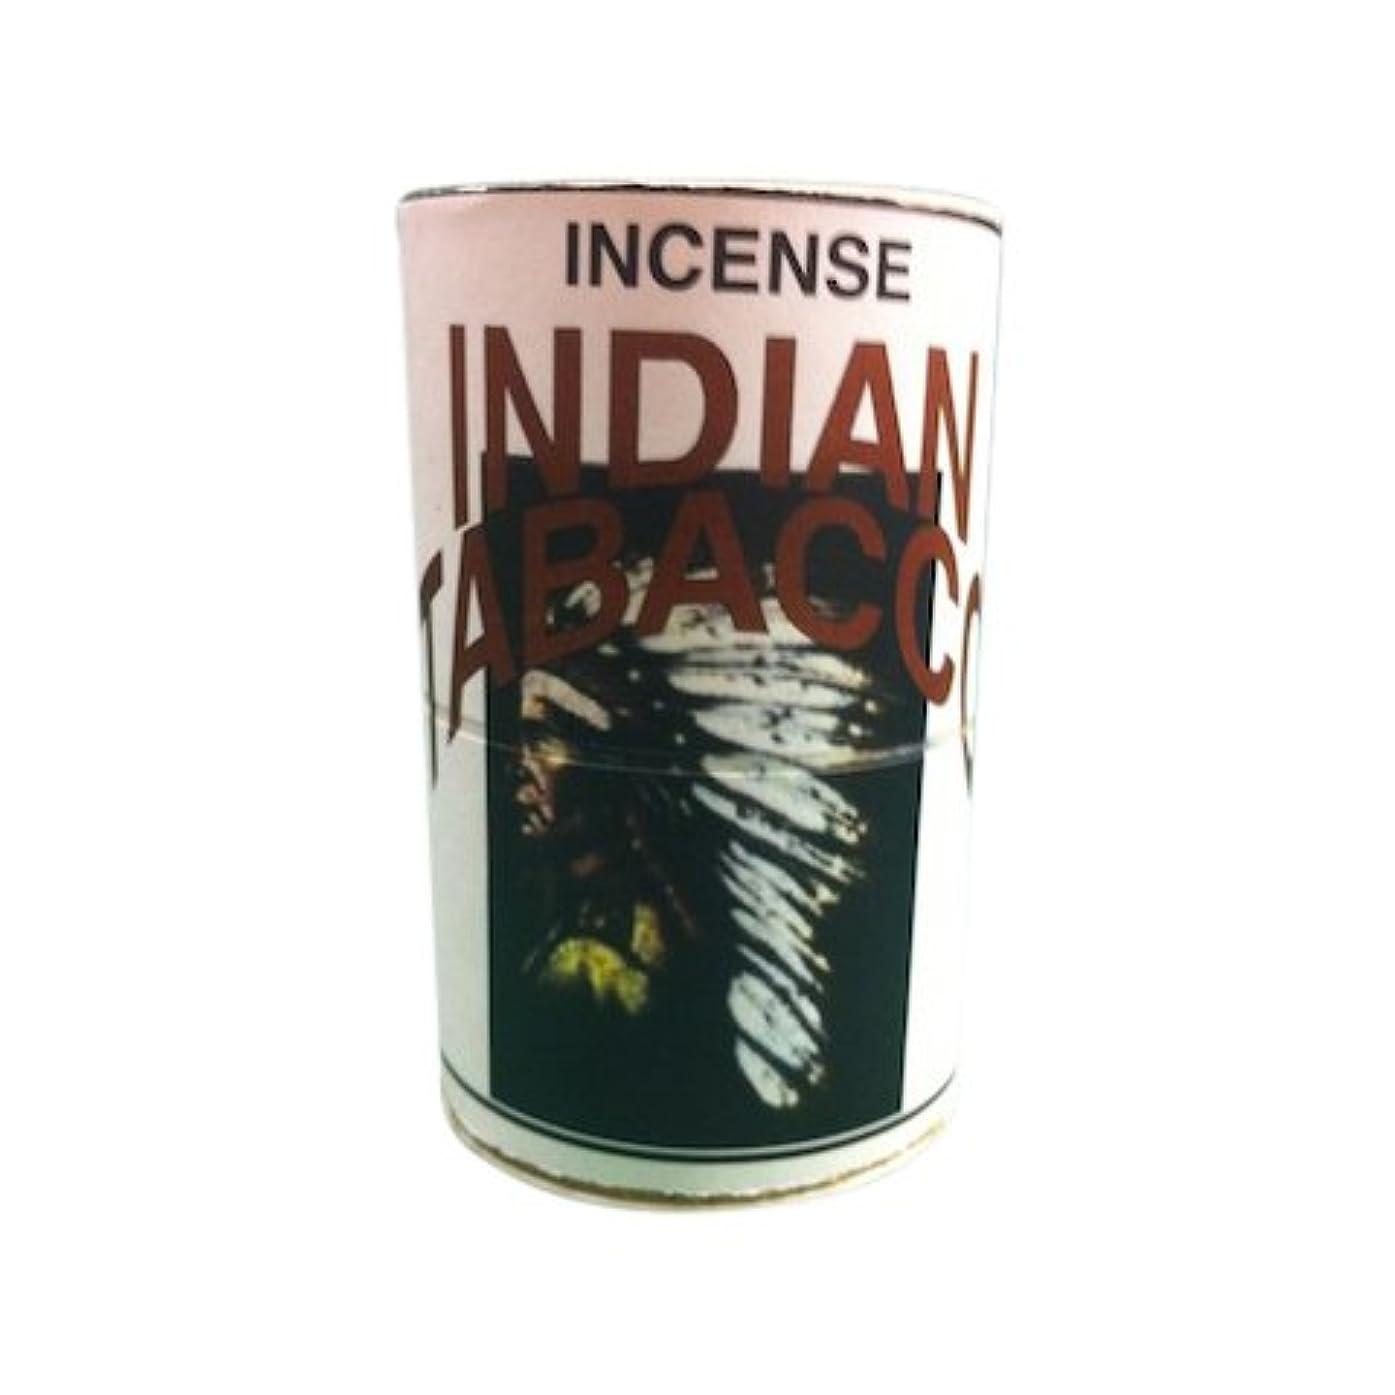 物語外向きスタンドIndianタバコIncense Powder